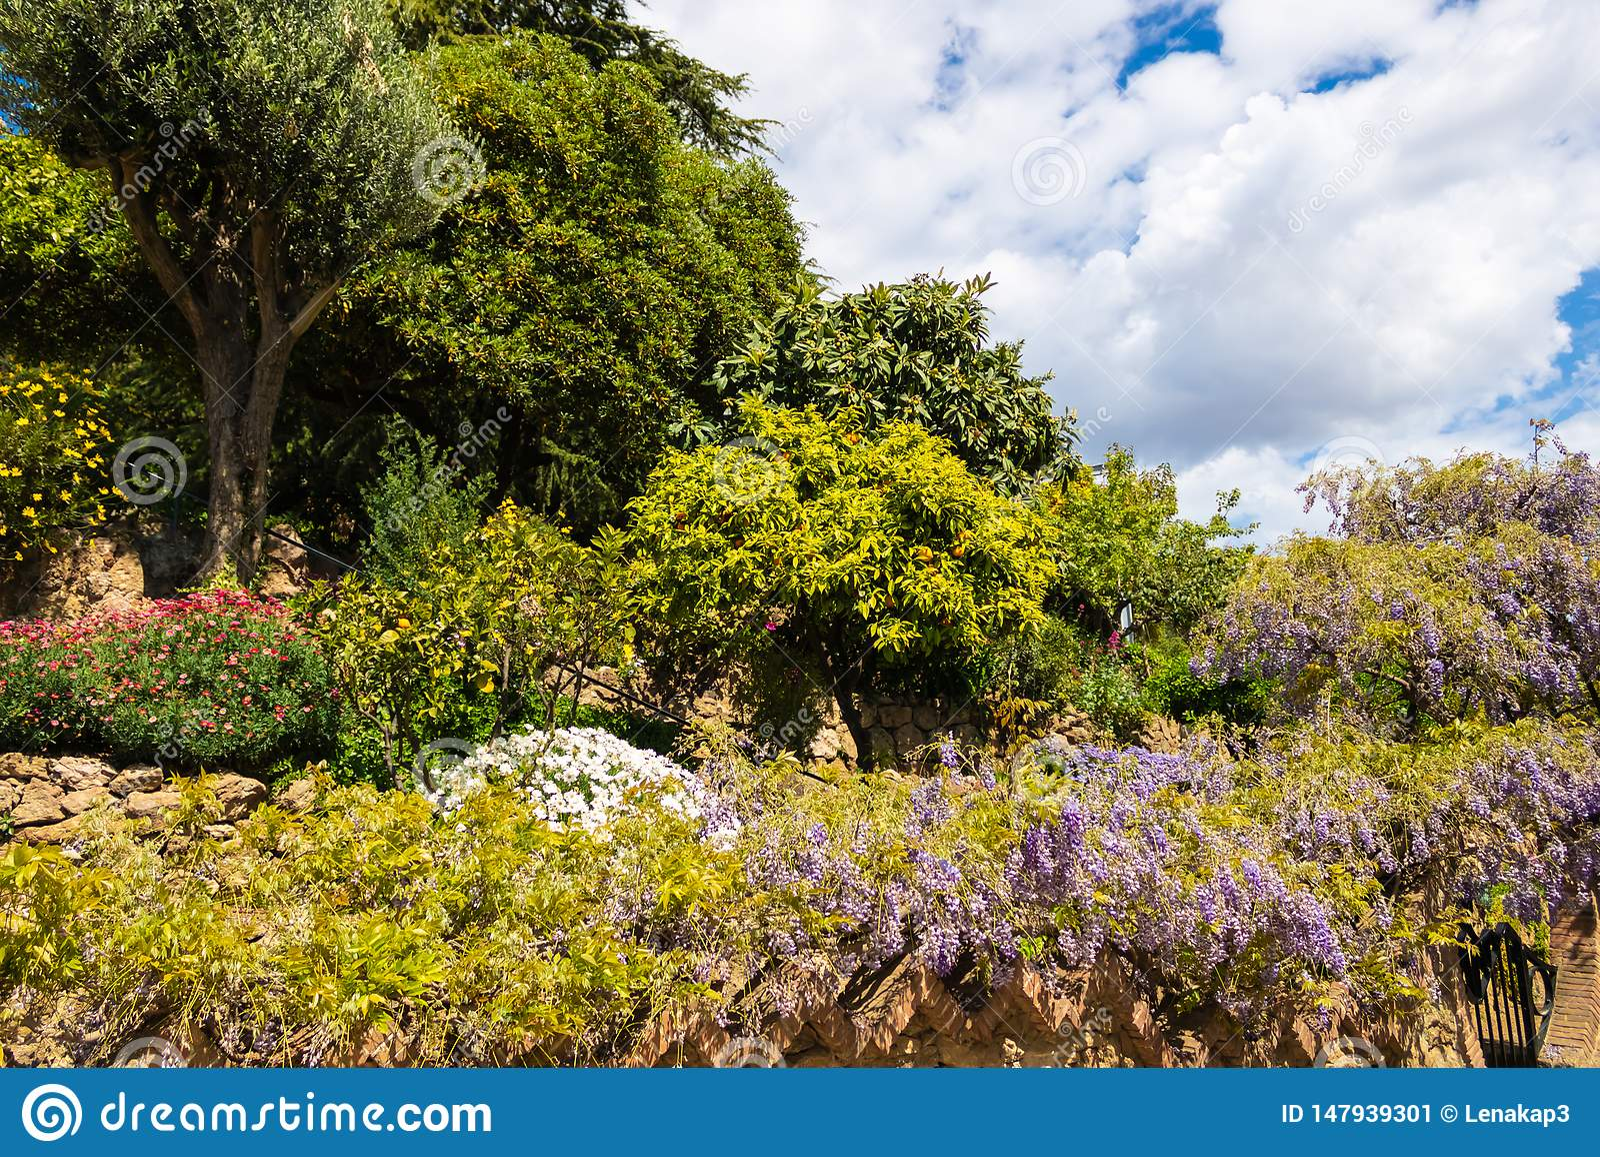 Garten mit verschiedenen Blumen und Anlagen in Park GÃ ¼ EL, Barcelona - Bild